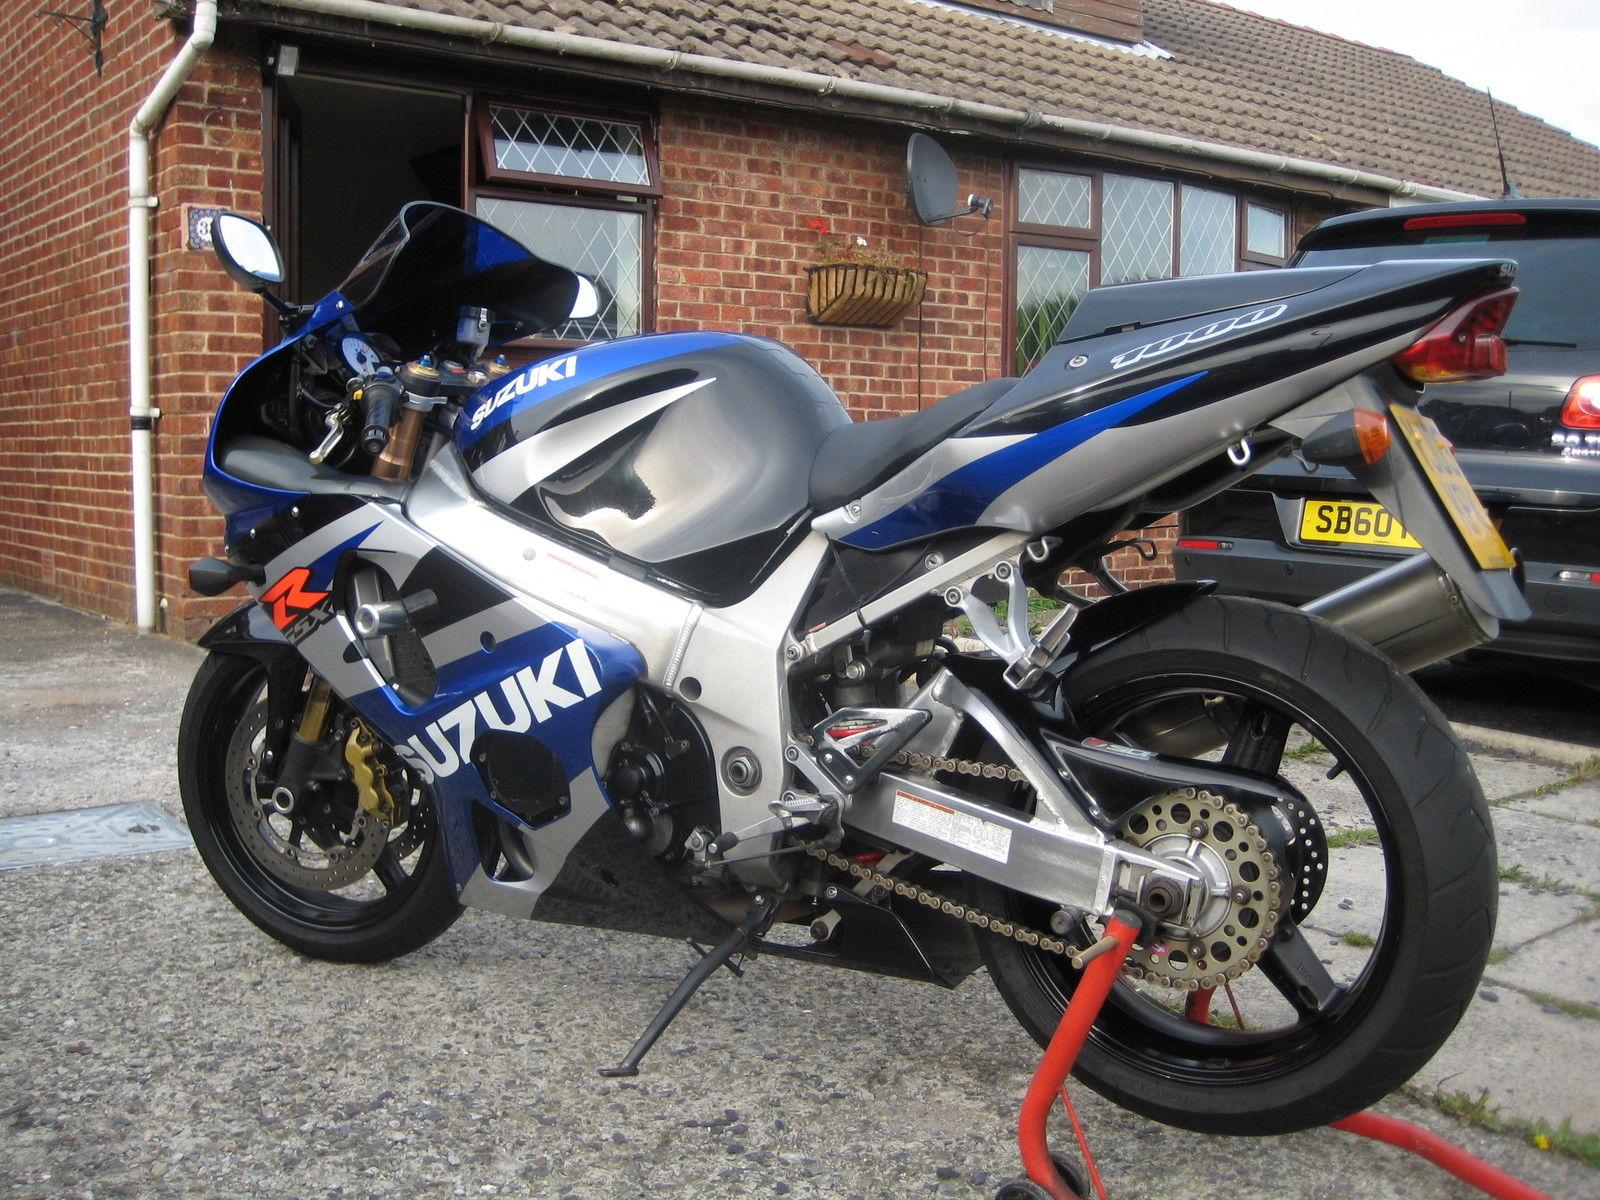 2003 Suzuki Gsx Black